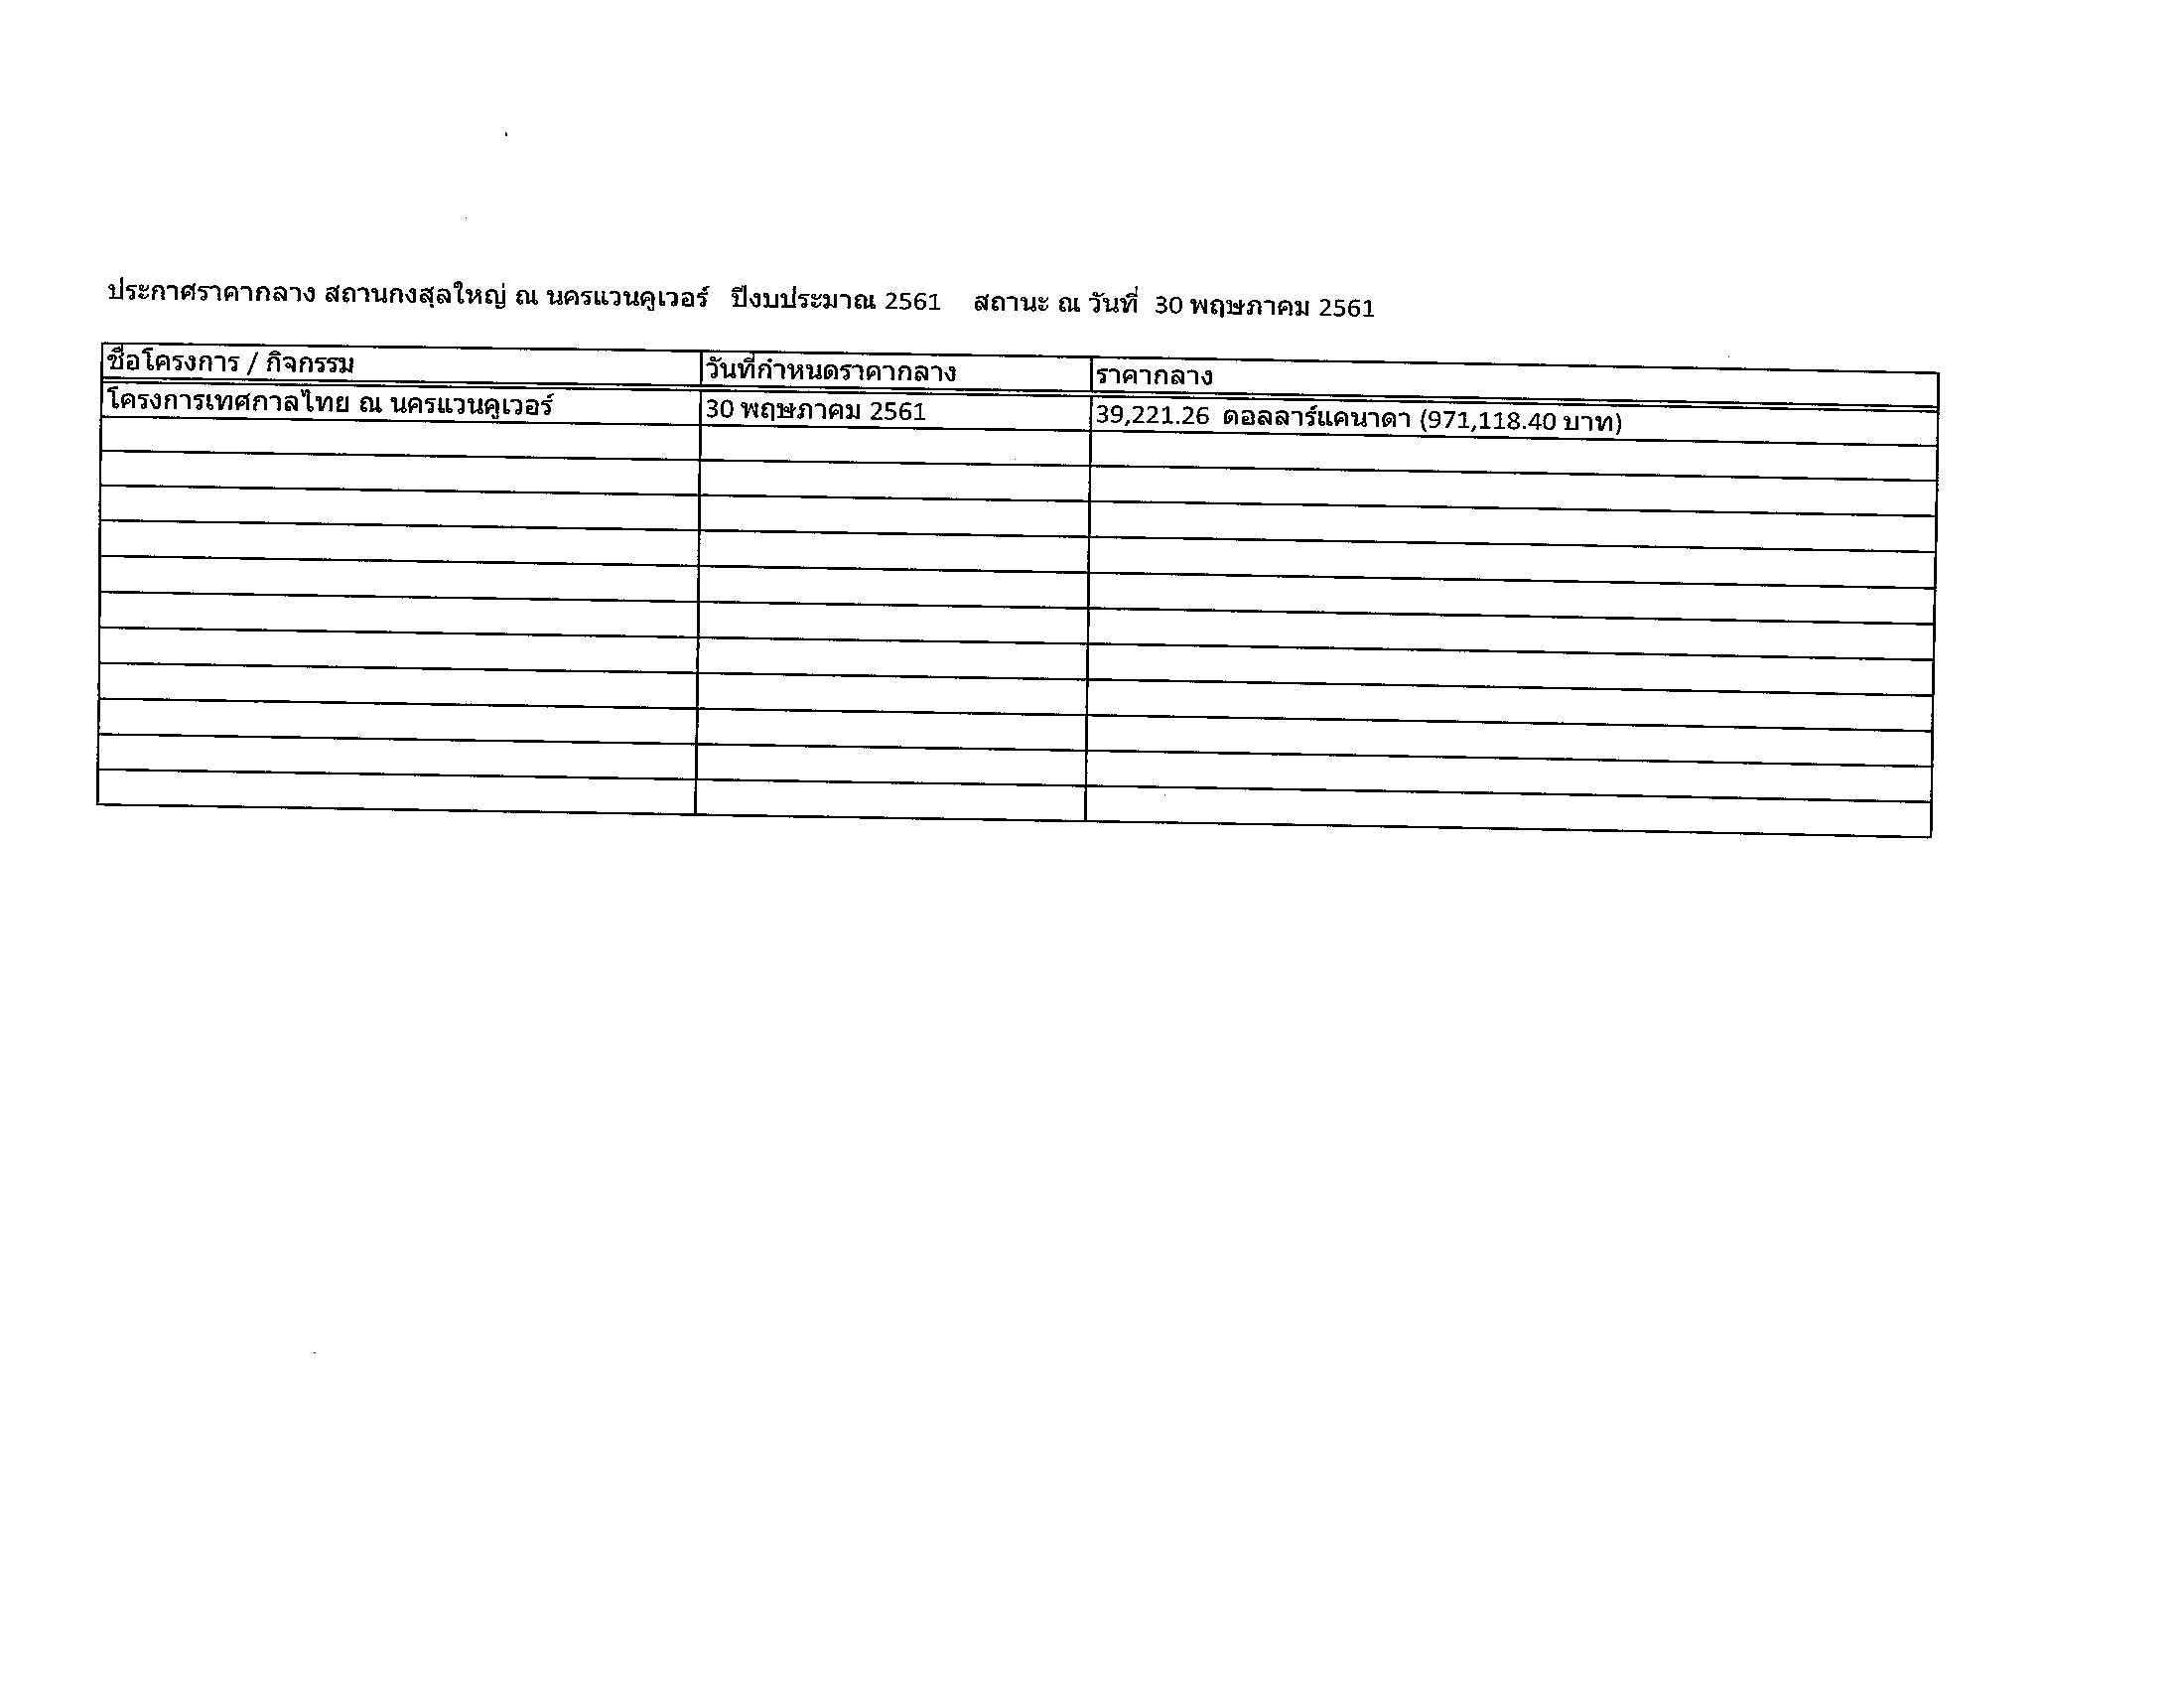 ประกาศราคากลาง สถานกงสุลใหญ่ ณ นครแวนคูเวอร์ ปีงบประมาณ 2561 สถานะ ณ วันที่ 30 พฤษภาคม 2561